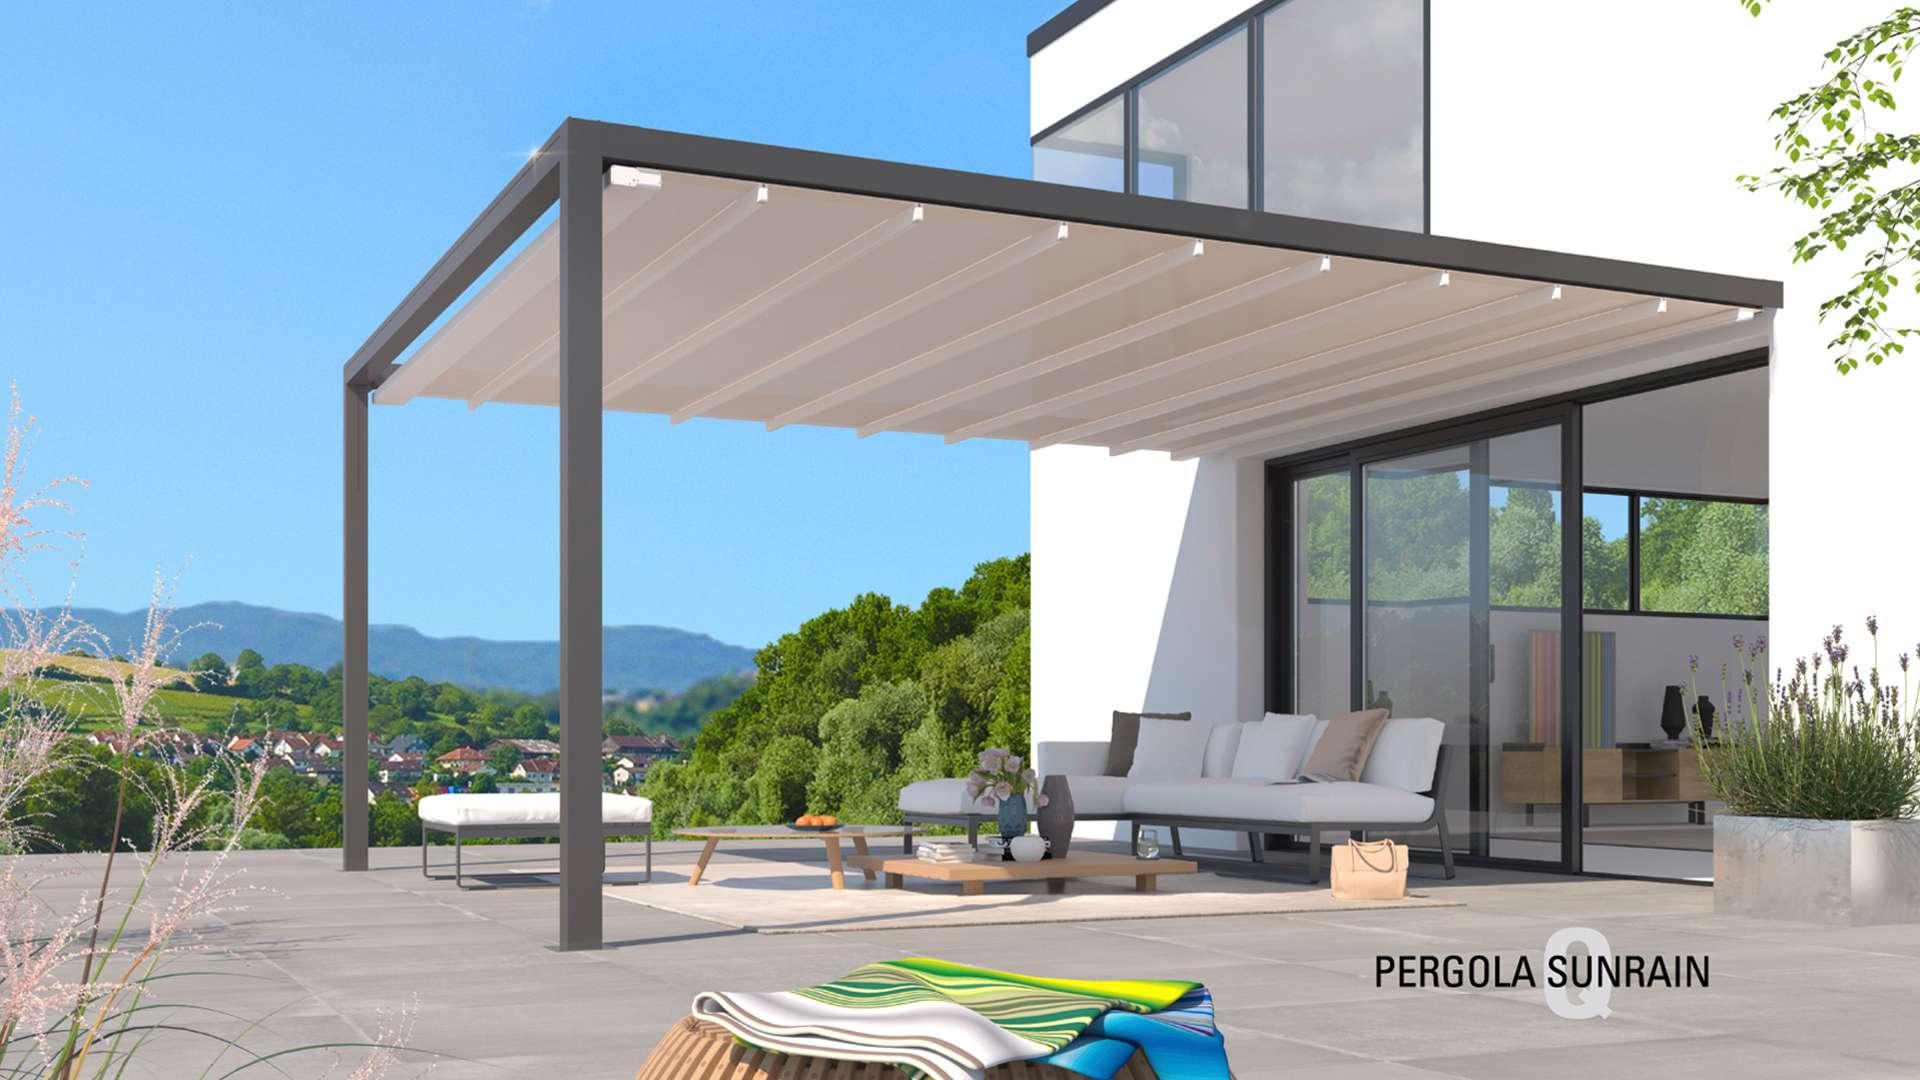 Pergola Sunrain Q System auf der Terrasse eines Wohnhaues